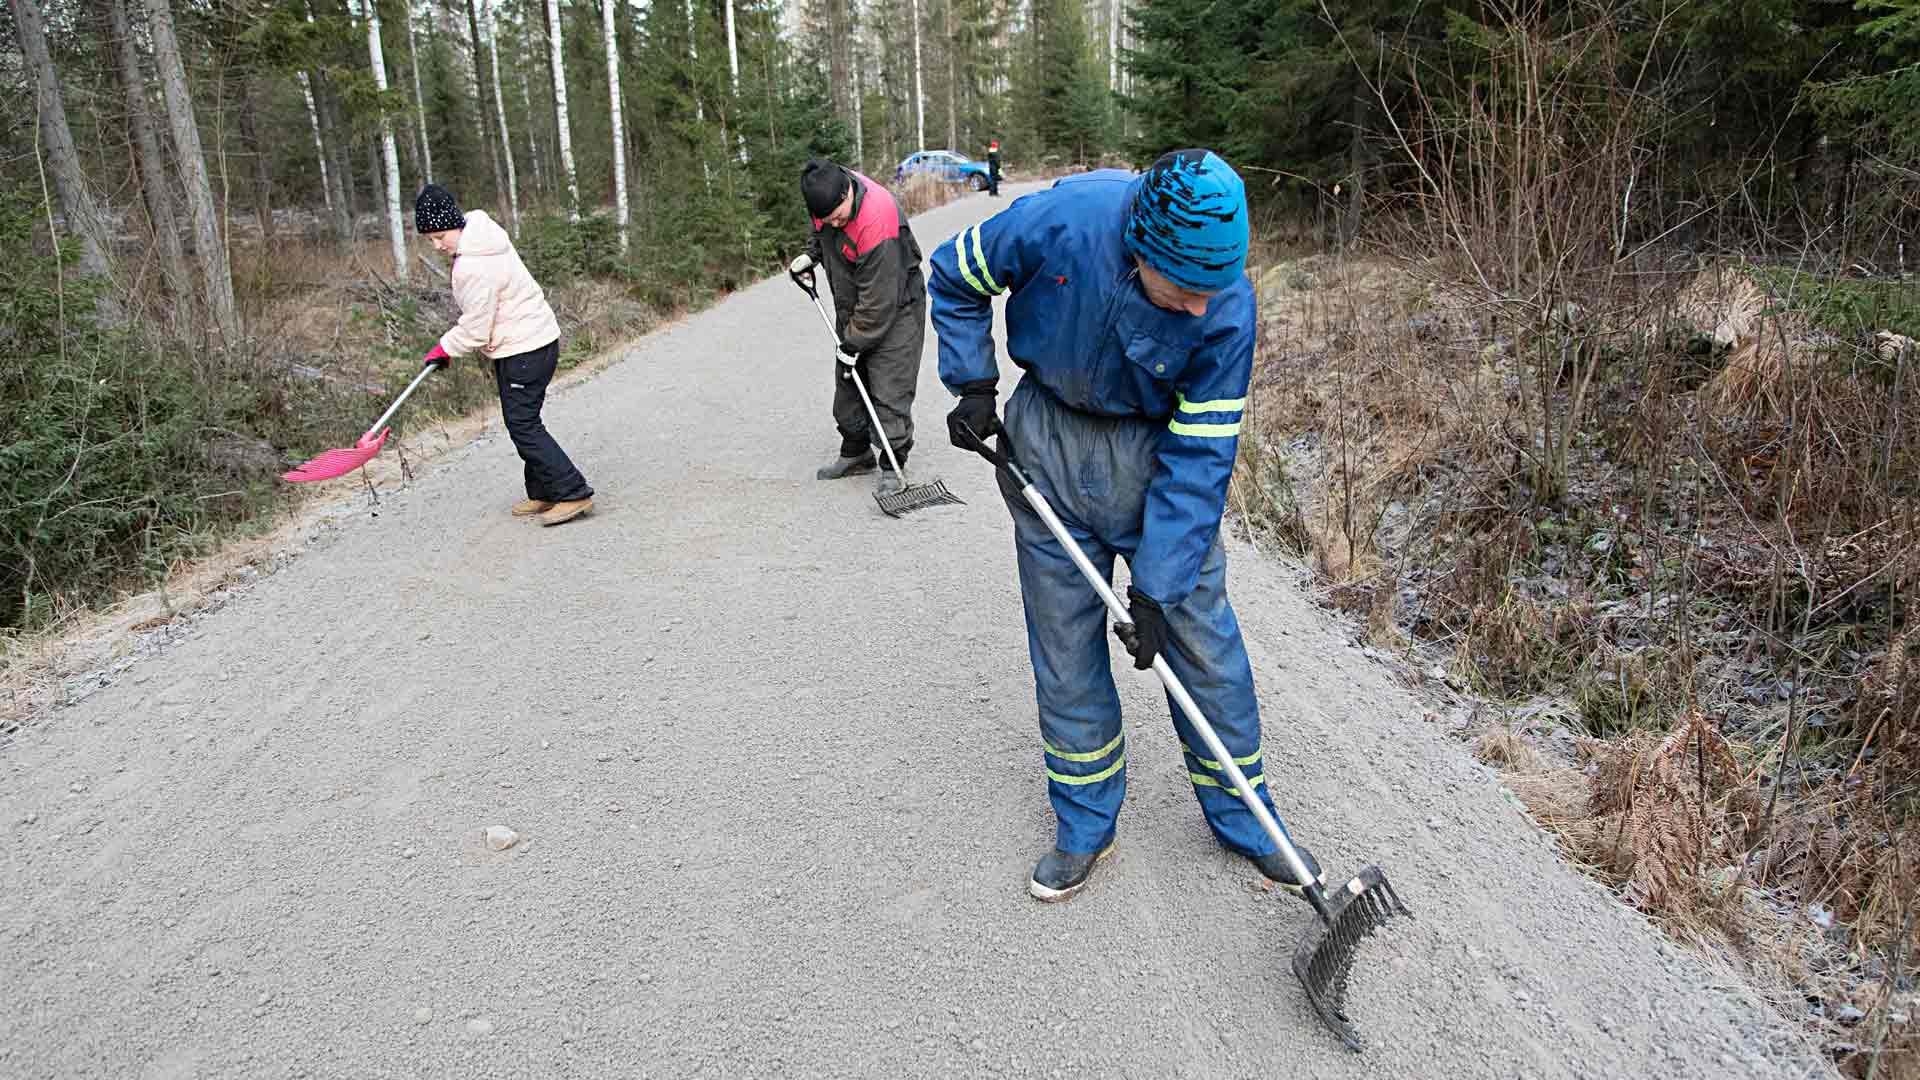 Yksi toistuva työ Kiikussa on kivien kerääminen pois hevosten ajotieltä. Se hoituu aina rivakasti porukassa.